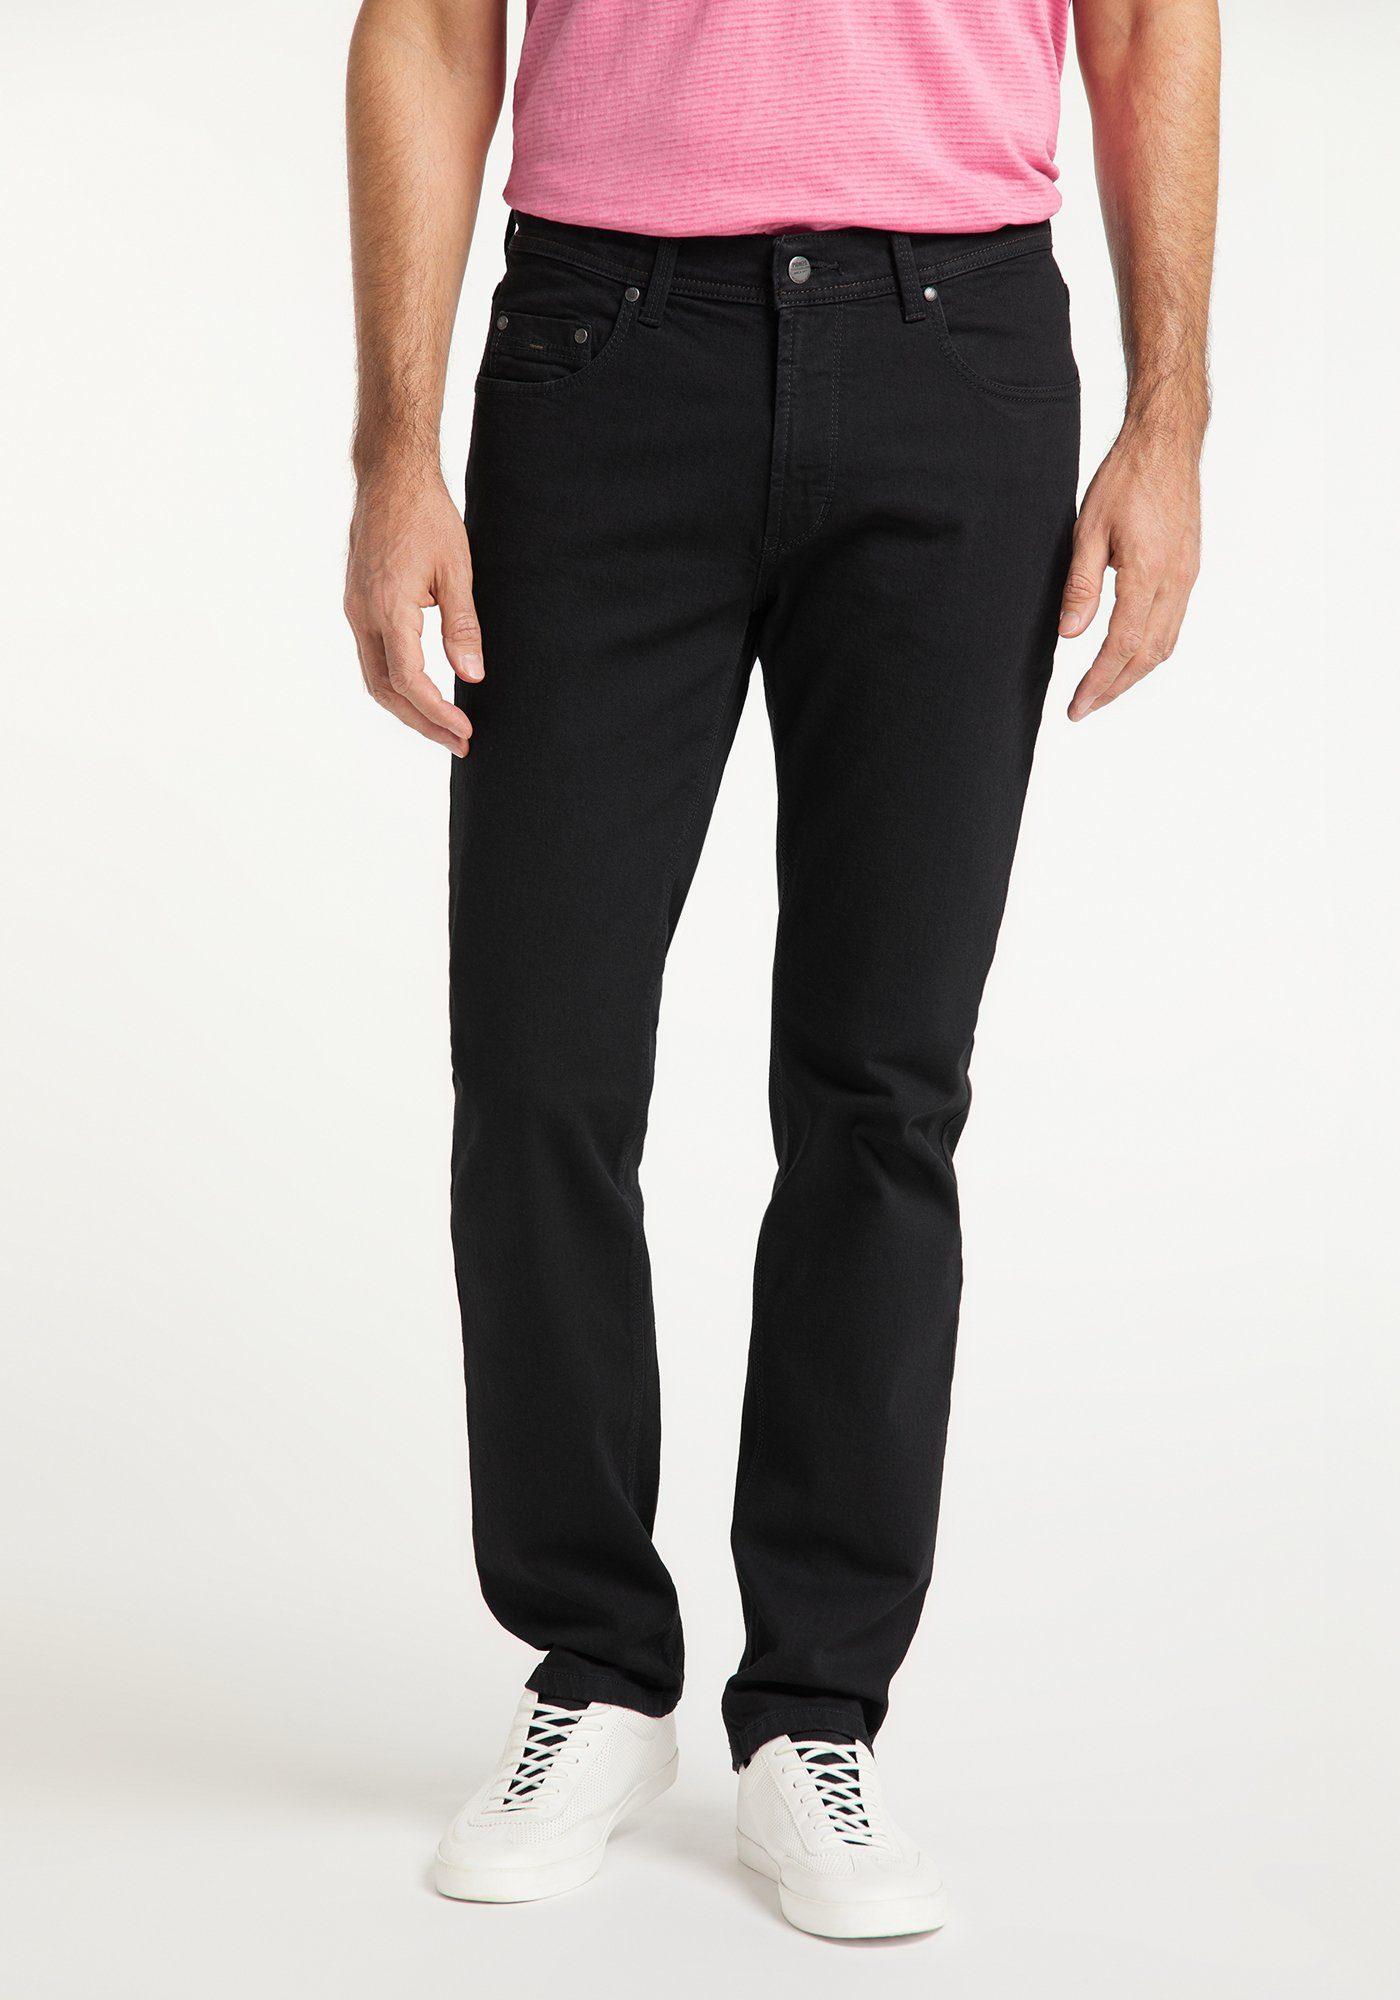 Pioneer Authentic Jeans Jeans Herren RANDO RANDO